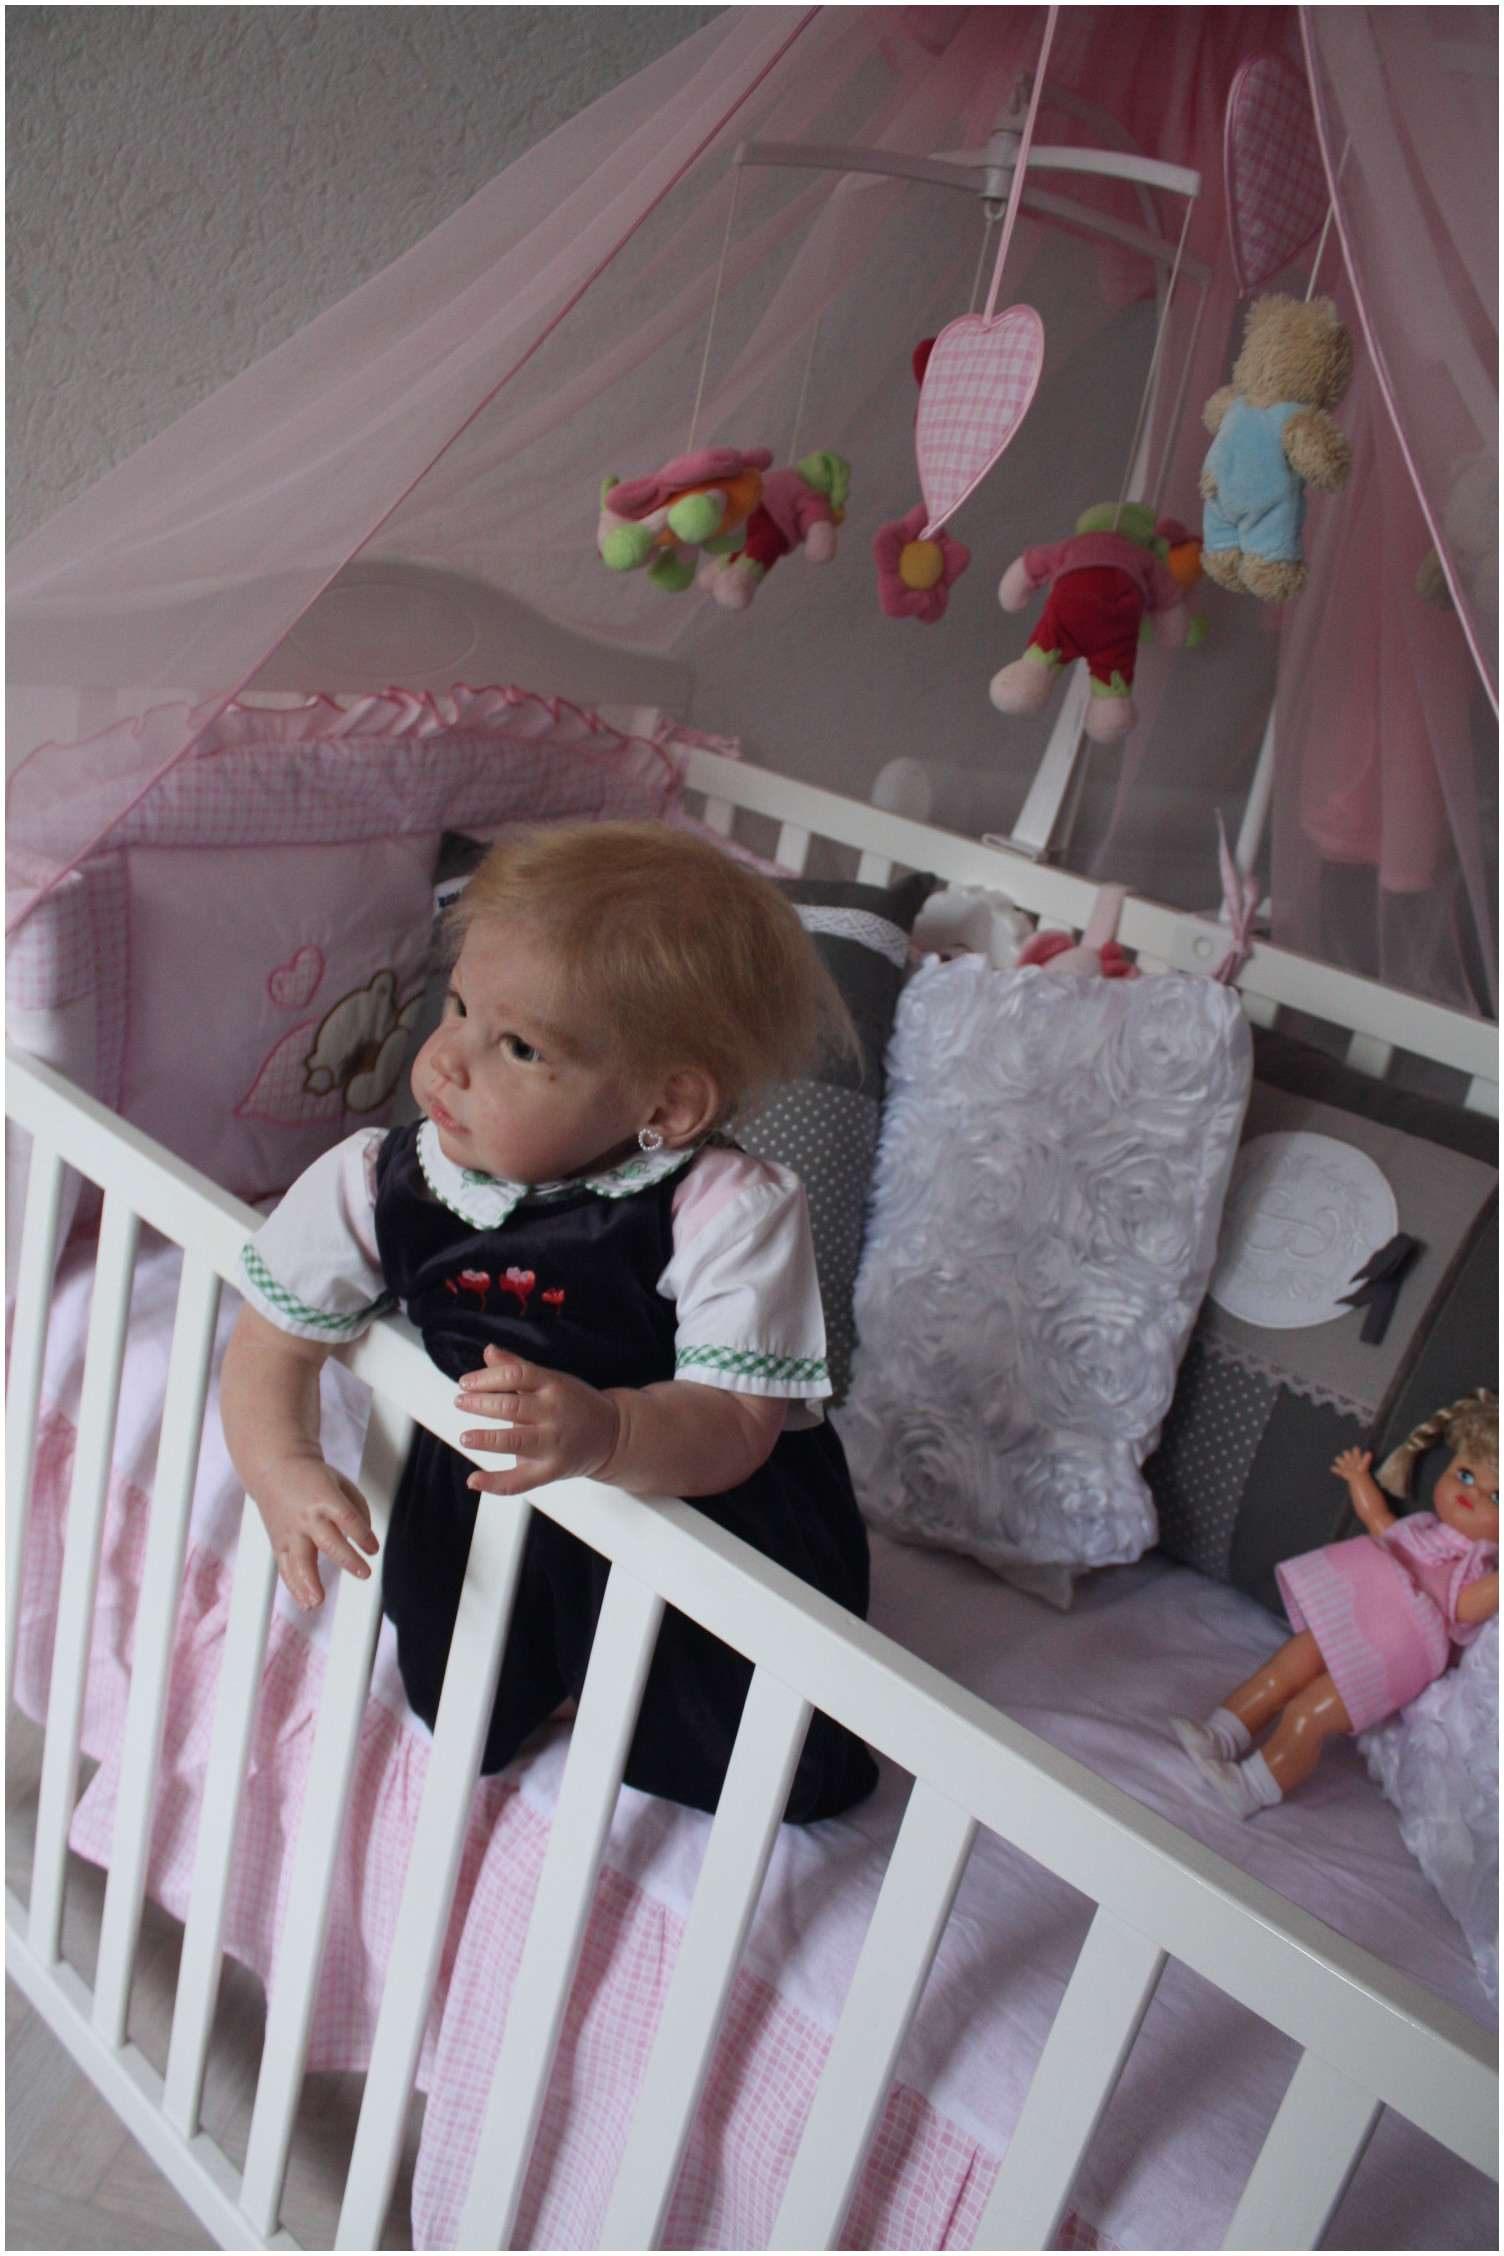 Lit Garçon Pas Cher Impressionnant Frais Bébé Fille Inspirant Chambre Bébé Fille Inspirant Parc B C3